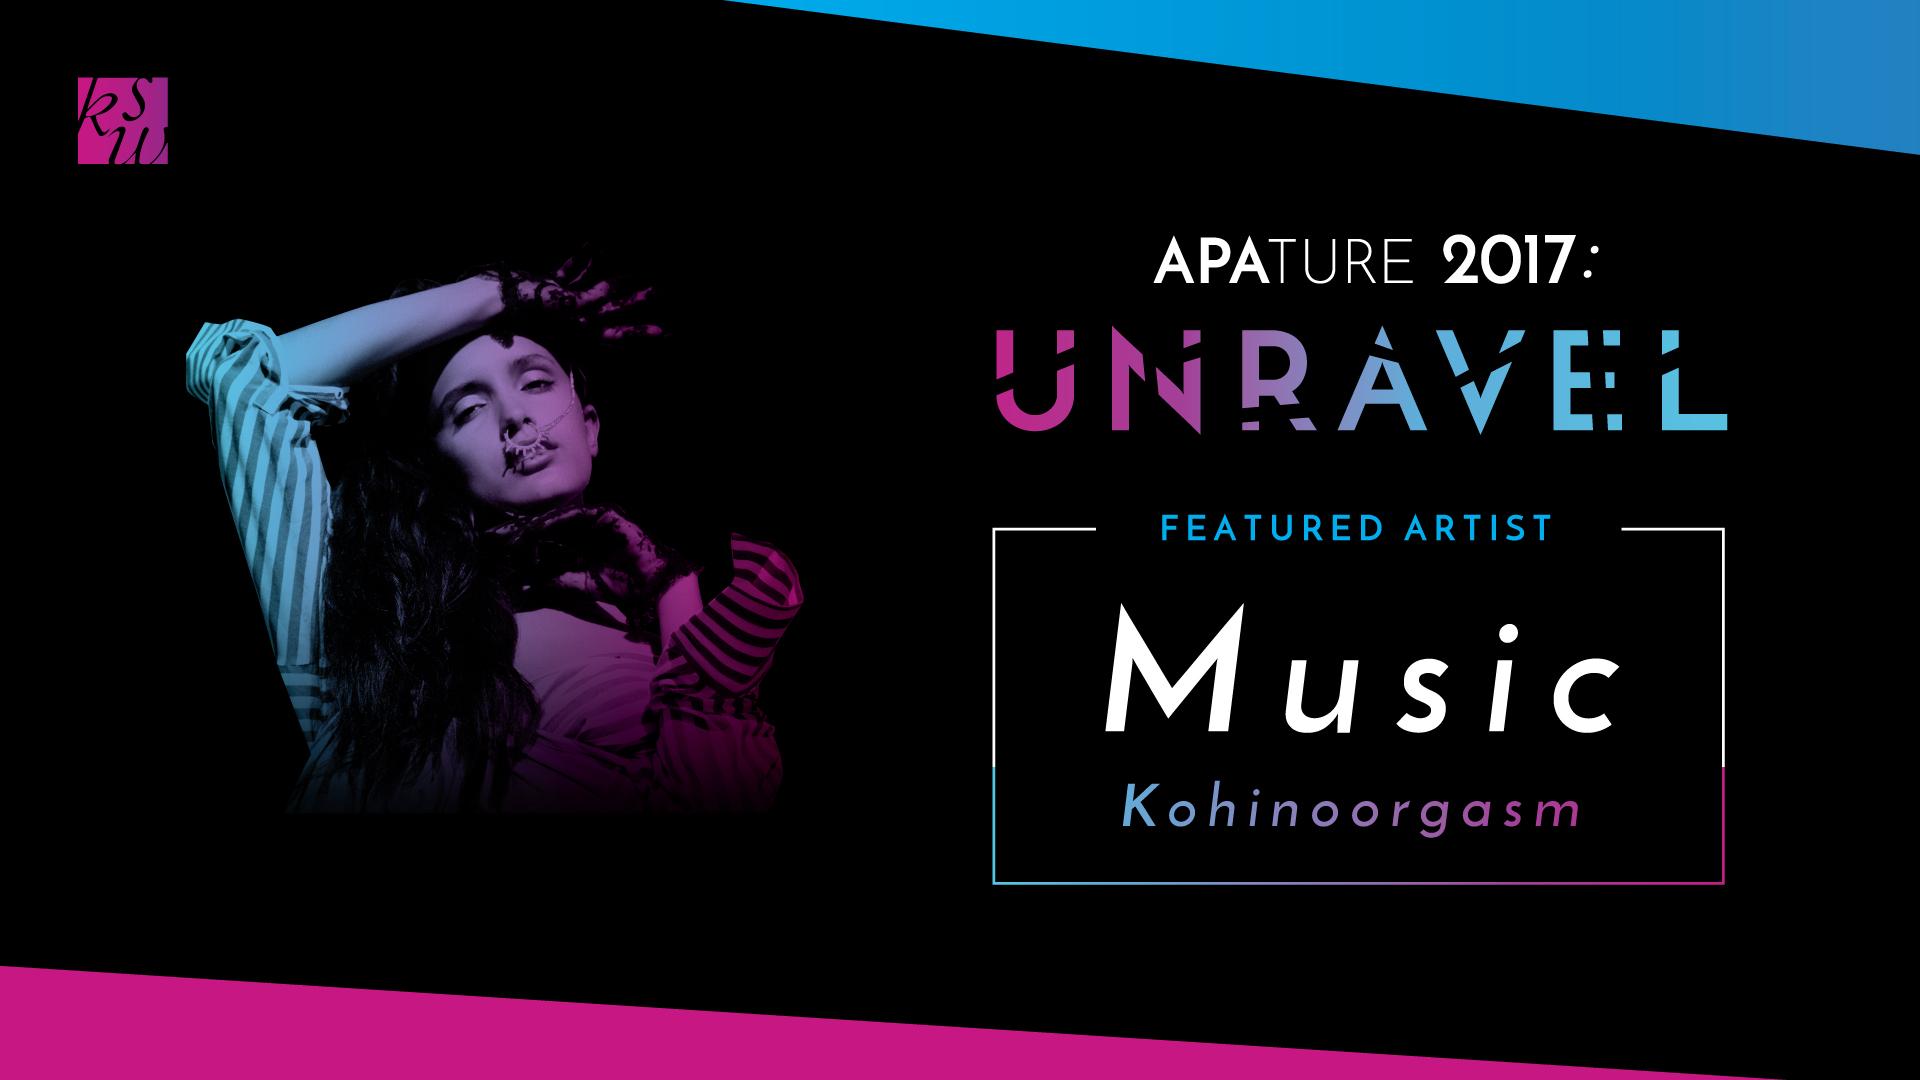 03_unravel_social_media_event_banner_music.jpg